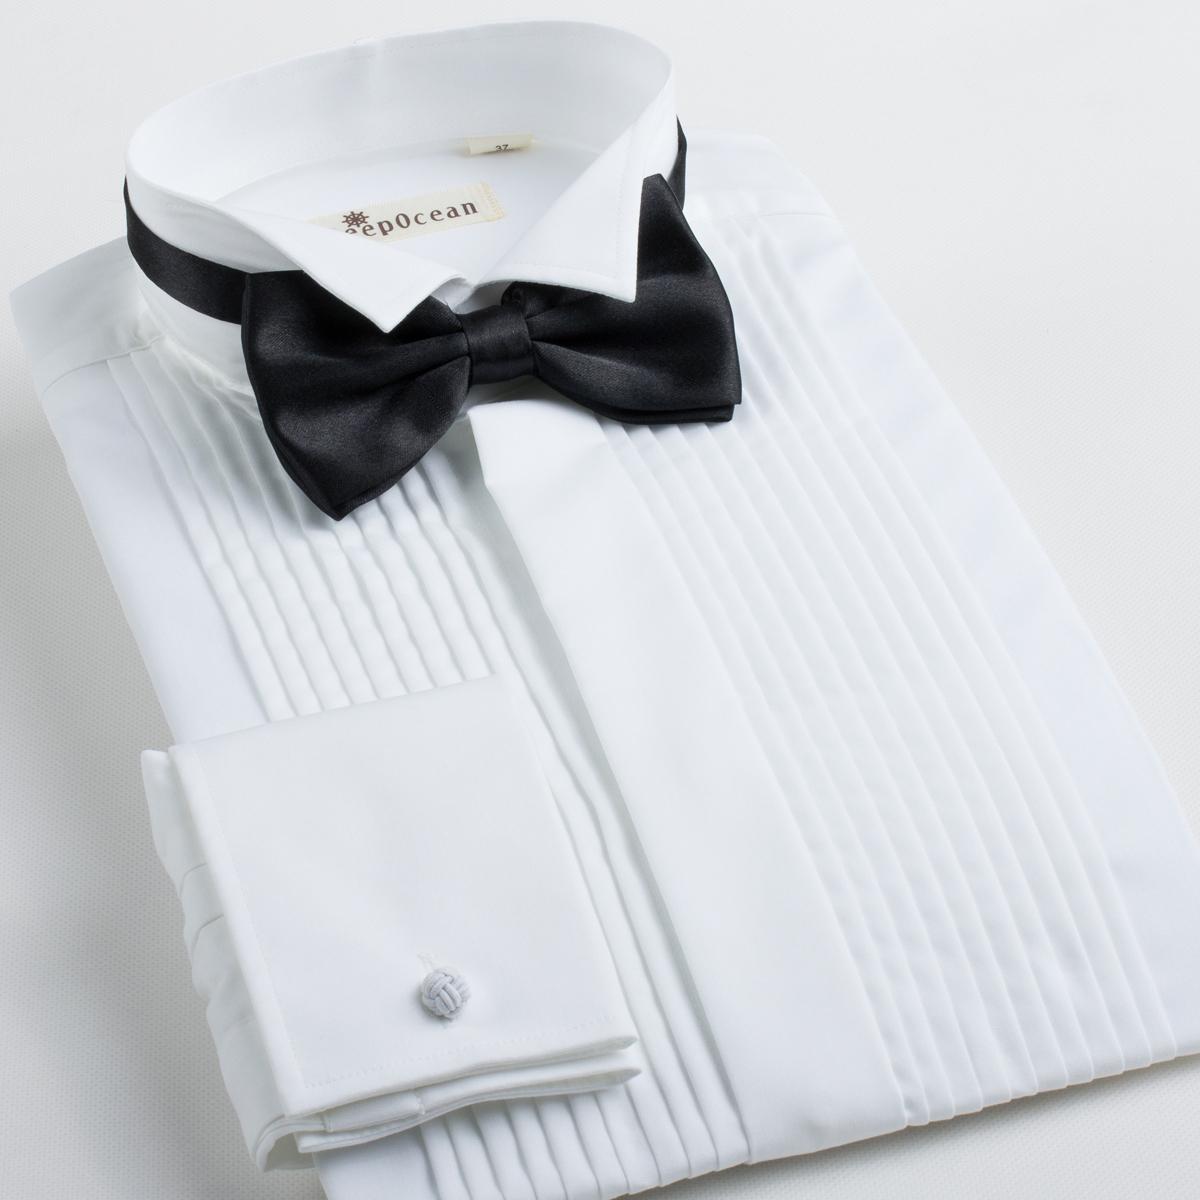 男士袖扣衬衫 深海结婚衬衫男长袖男士新郎礼服燕子领衬衣法式袖扣男装 送领结_推荐淘宝好看的男袖扣衬衫